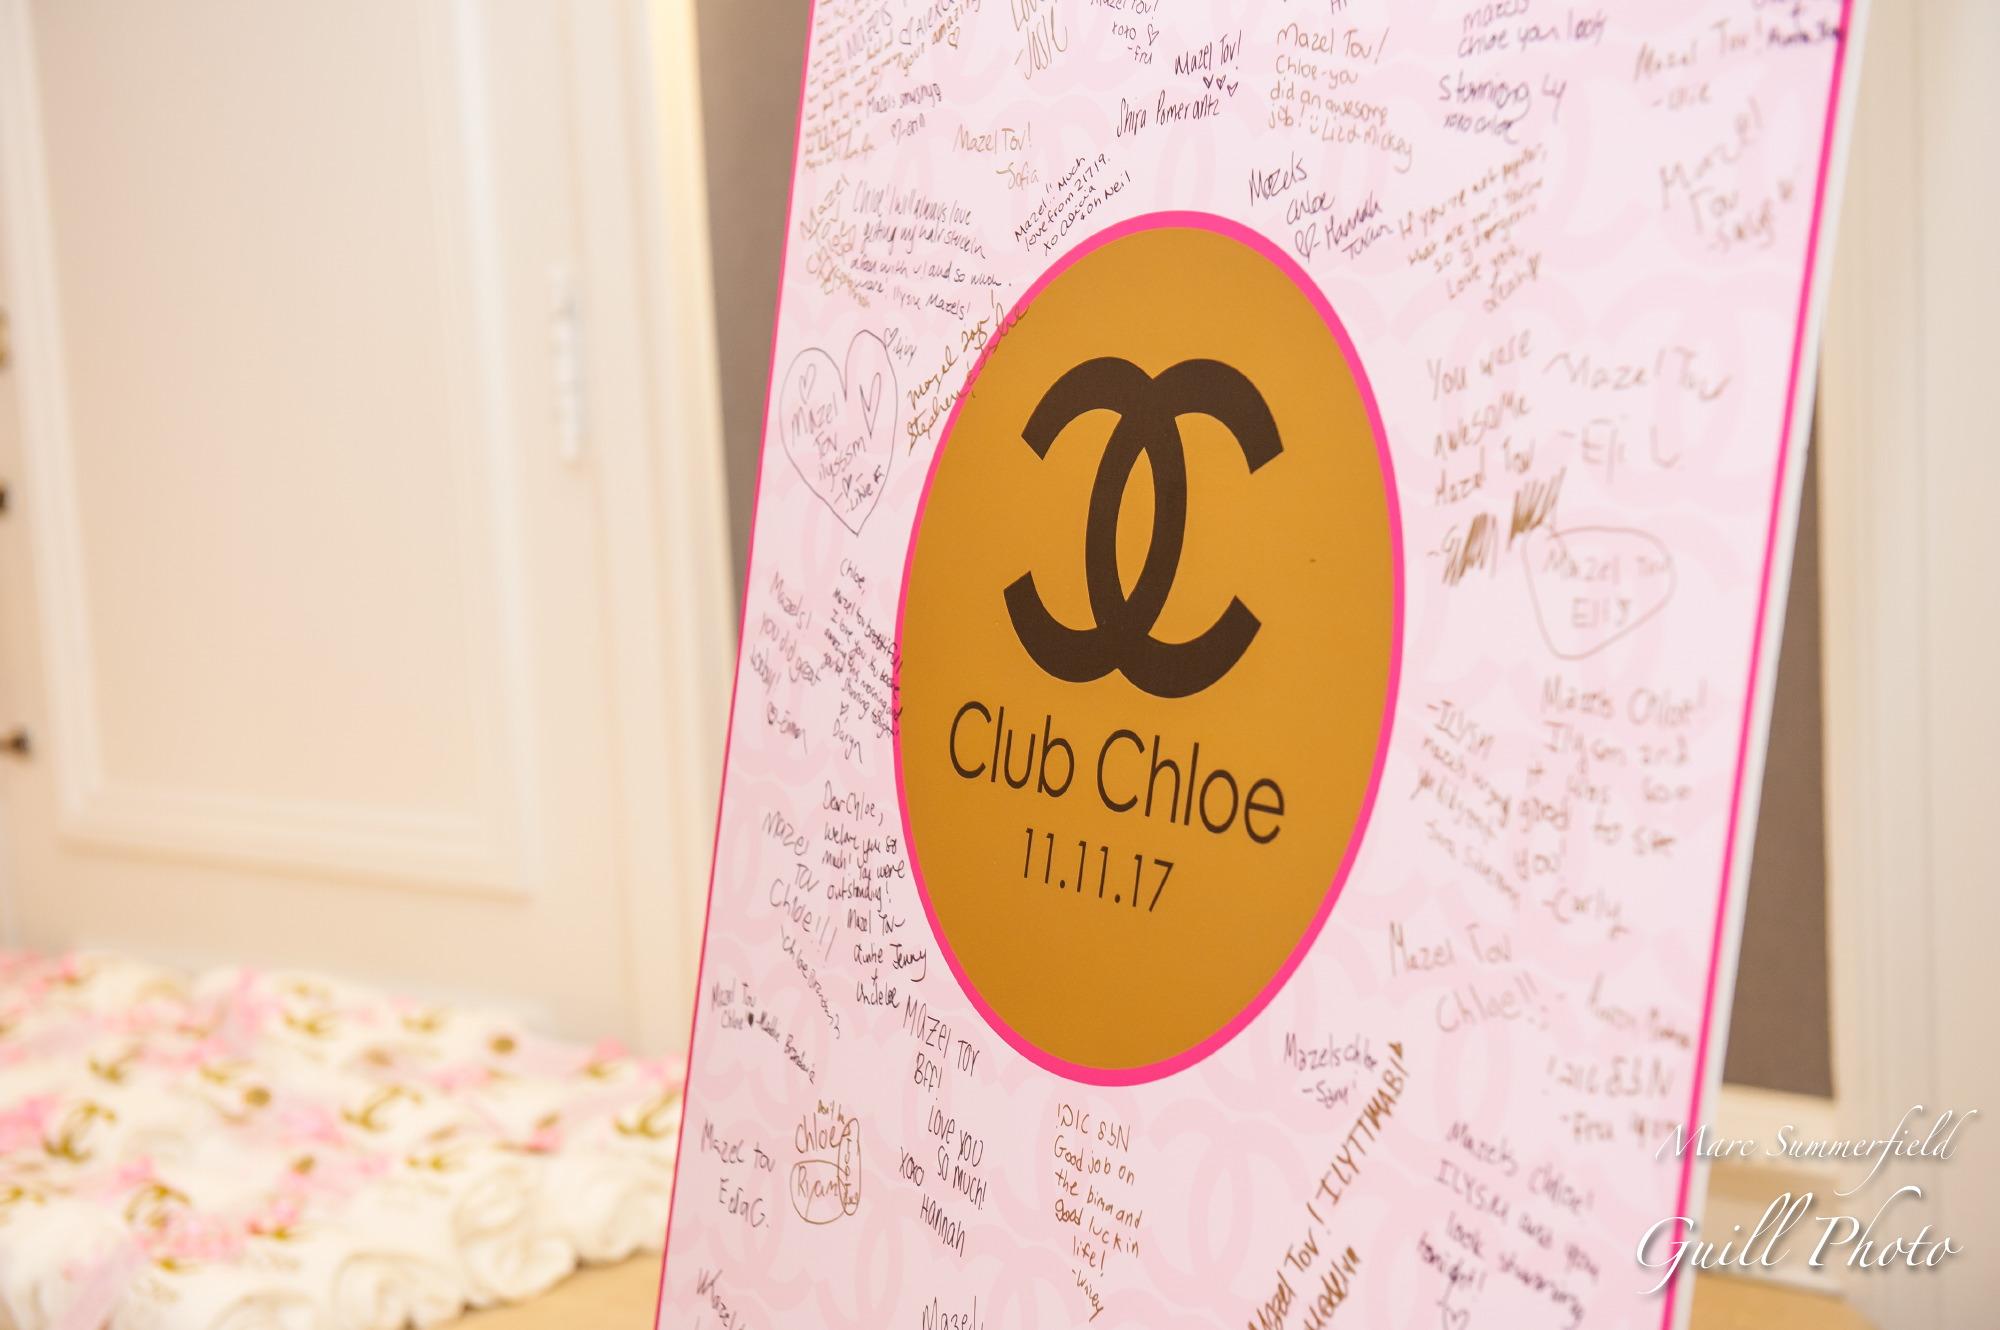 Club Chloe